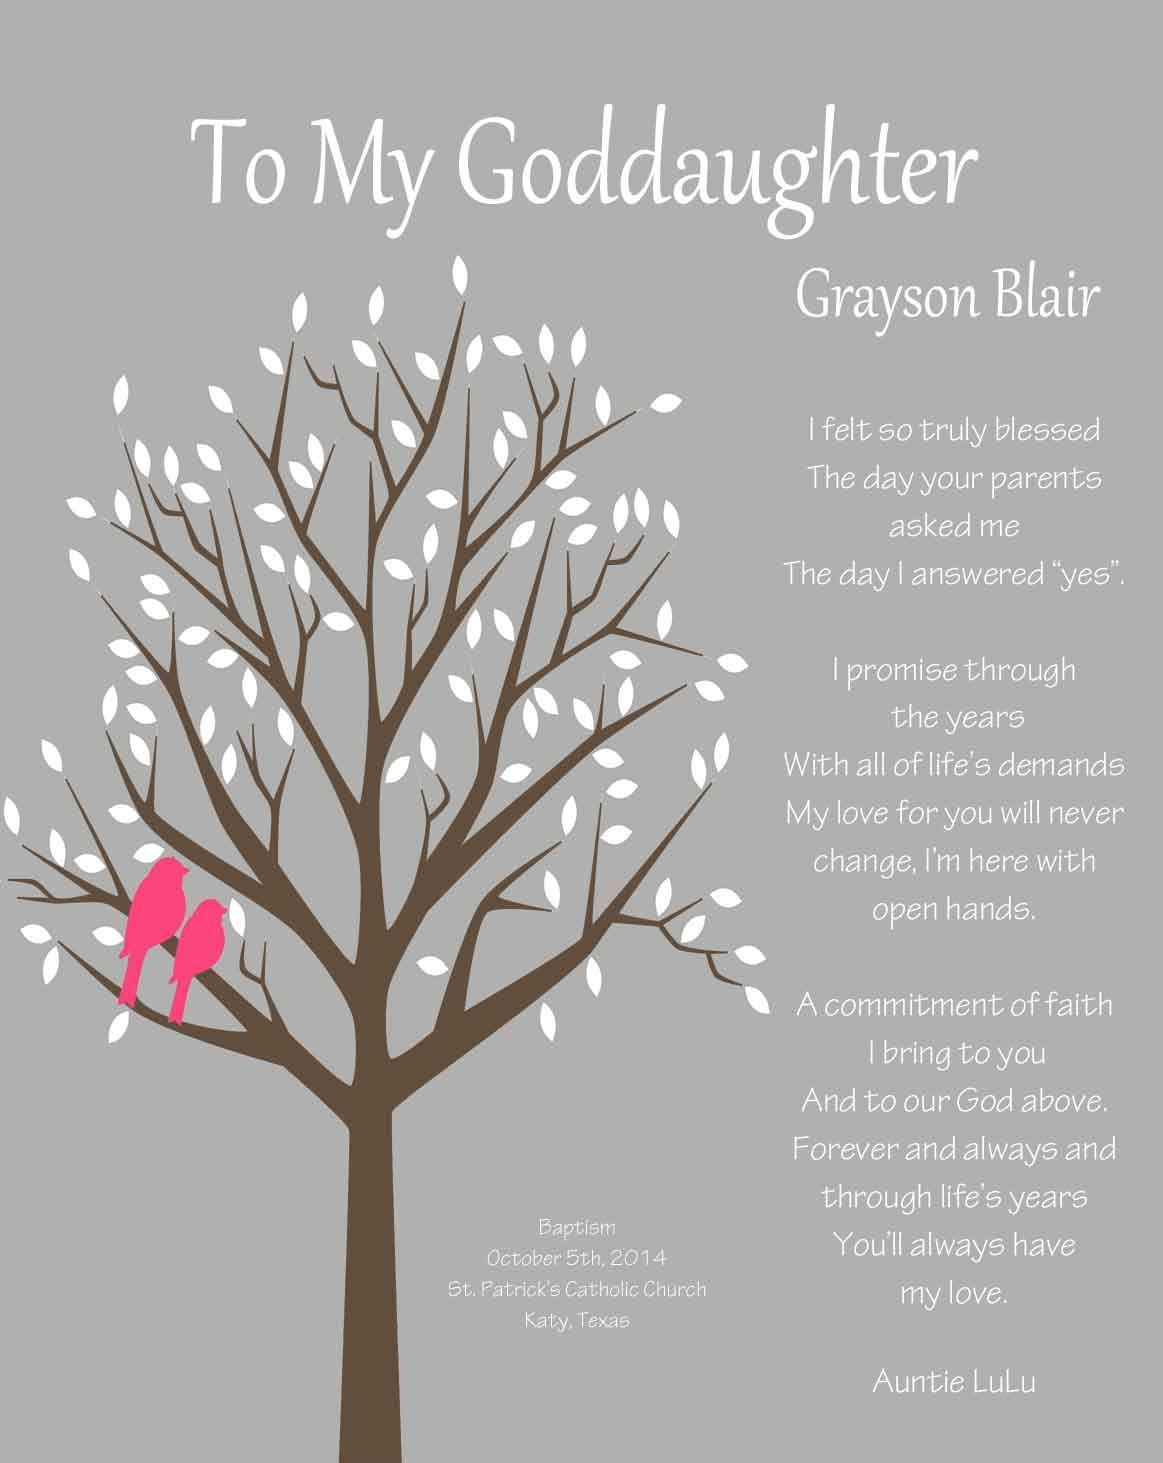 Goddaughter gift gift for goddaughter by whisperhills on etsy goddaughter gift gift for goddaughter by whisperhills on etsy negle Images